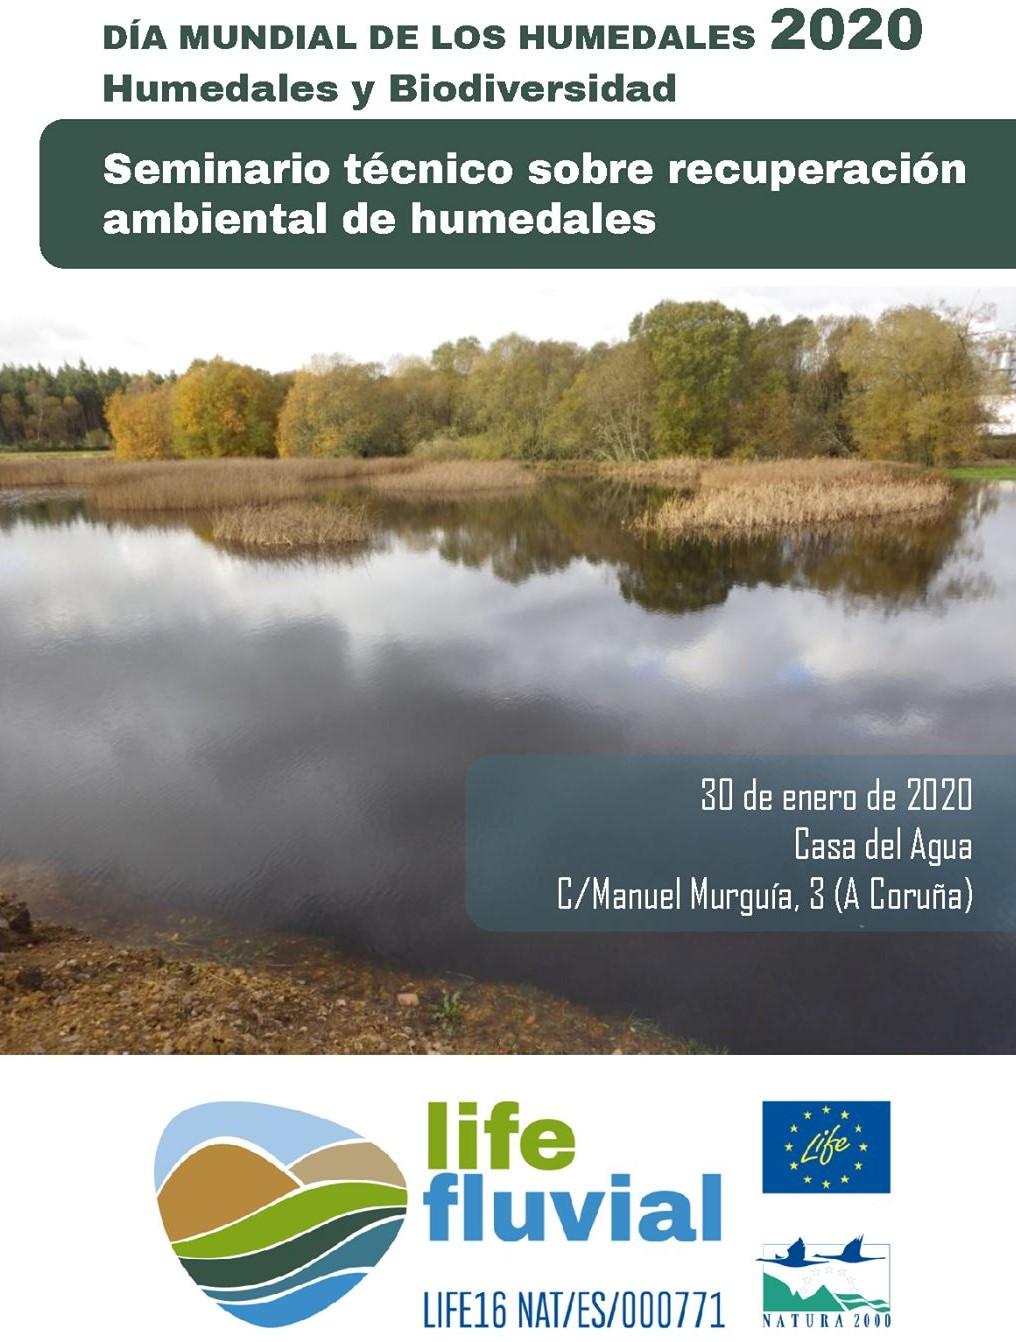 Seminario técnico sobre recuperación ambiental de humedales en A Coruña